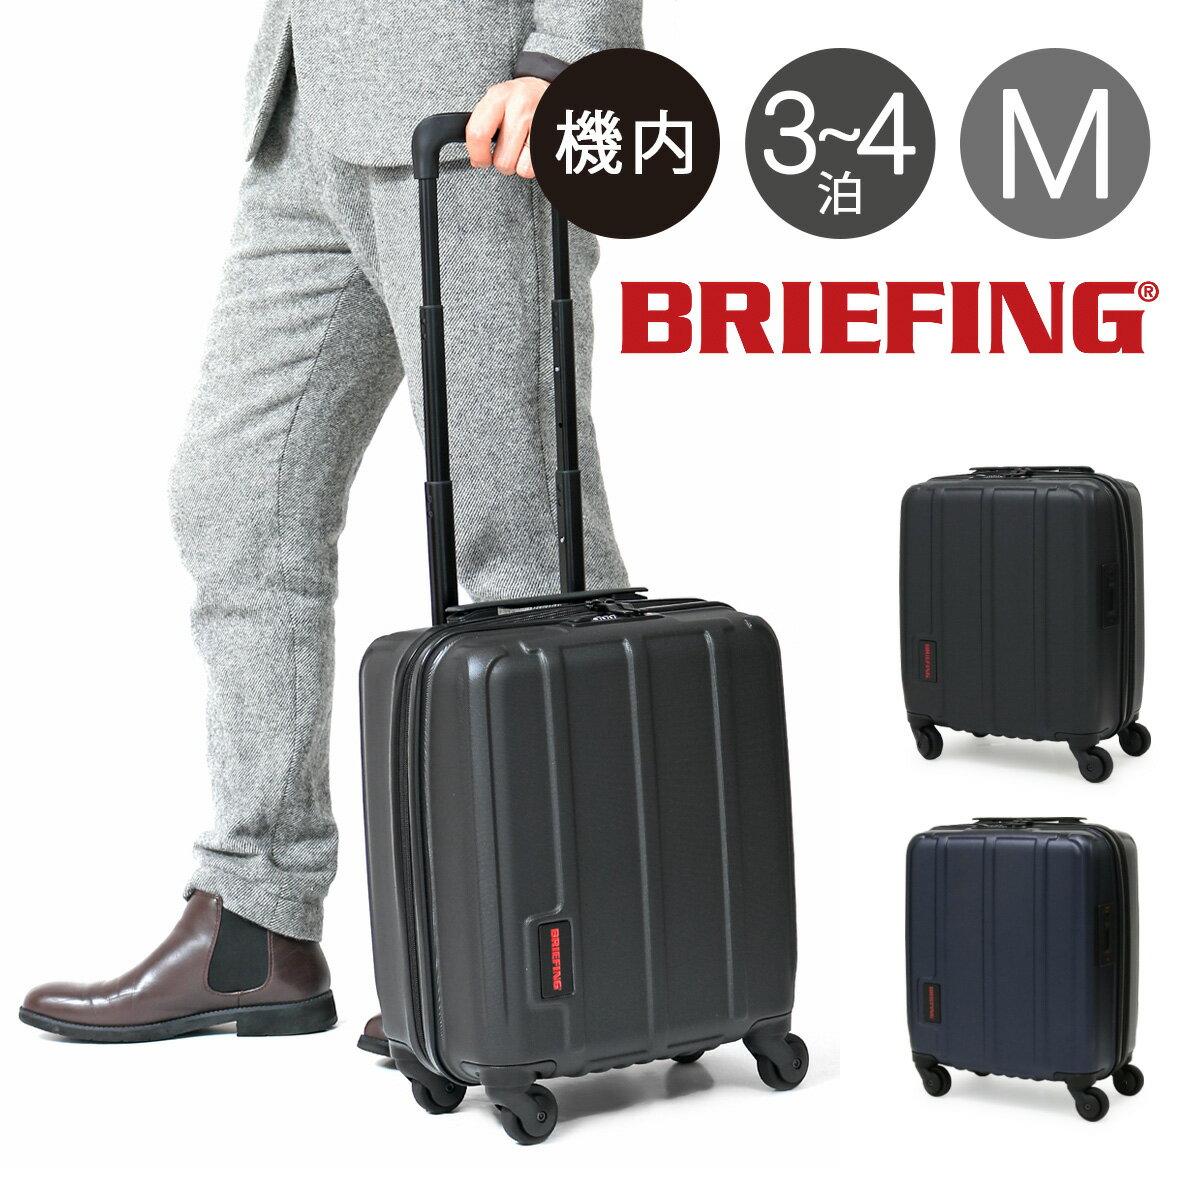 ブリーフィング スーツケース BRF350219 44cm H-22 【 キャリーケース ハードキャリー ビジネスキャリー ストッパー搭載 TSAロック搭載 機内持ち込み可 】【即日発送】